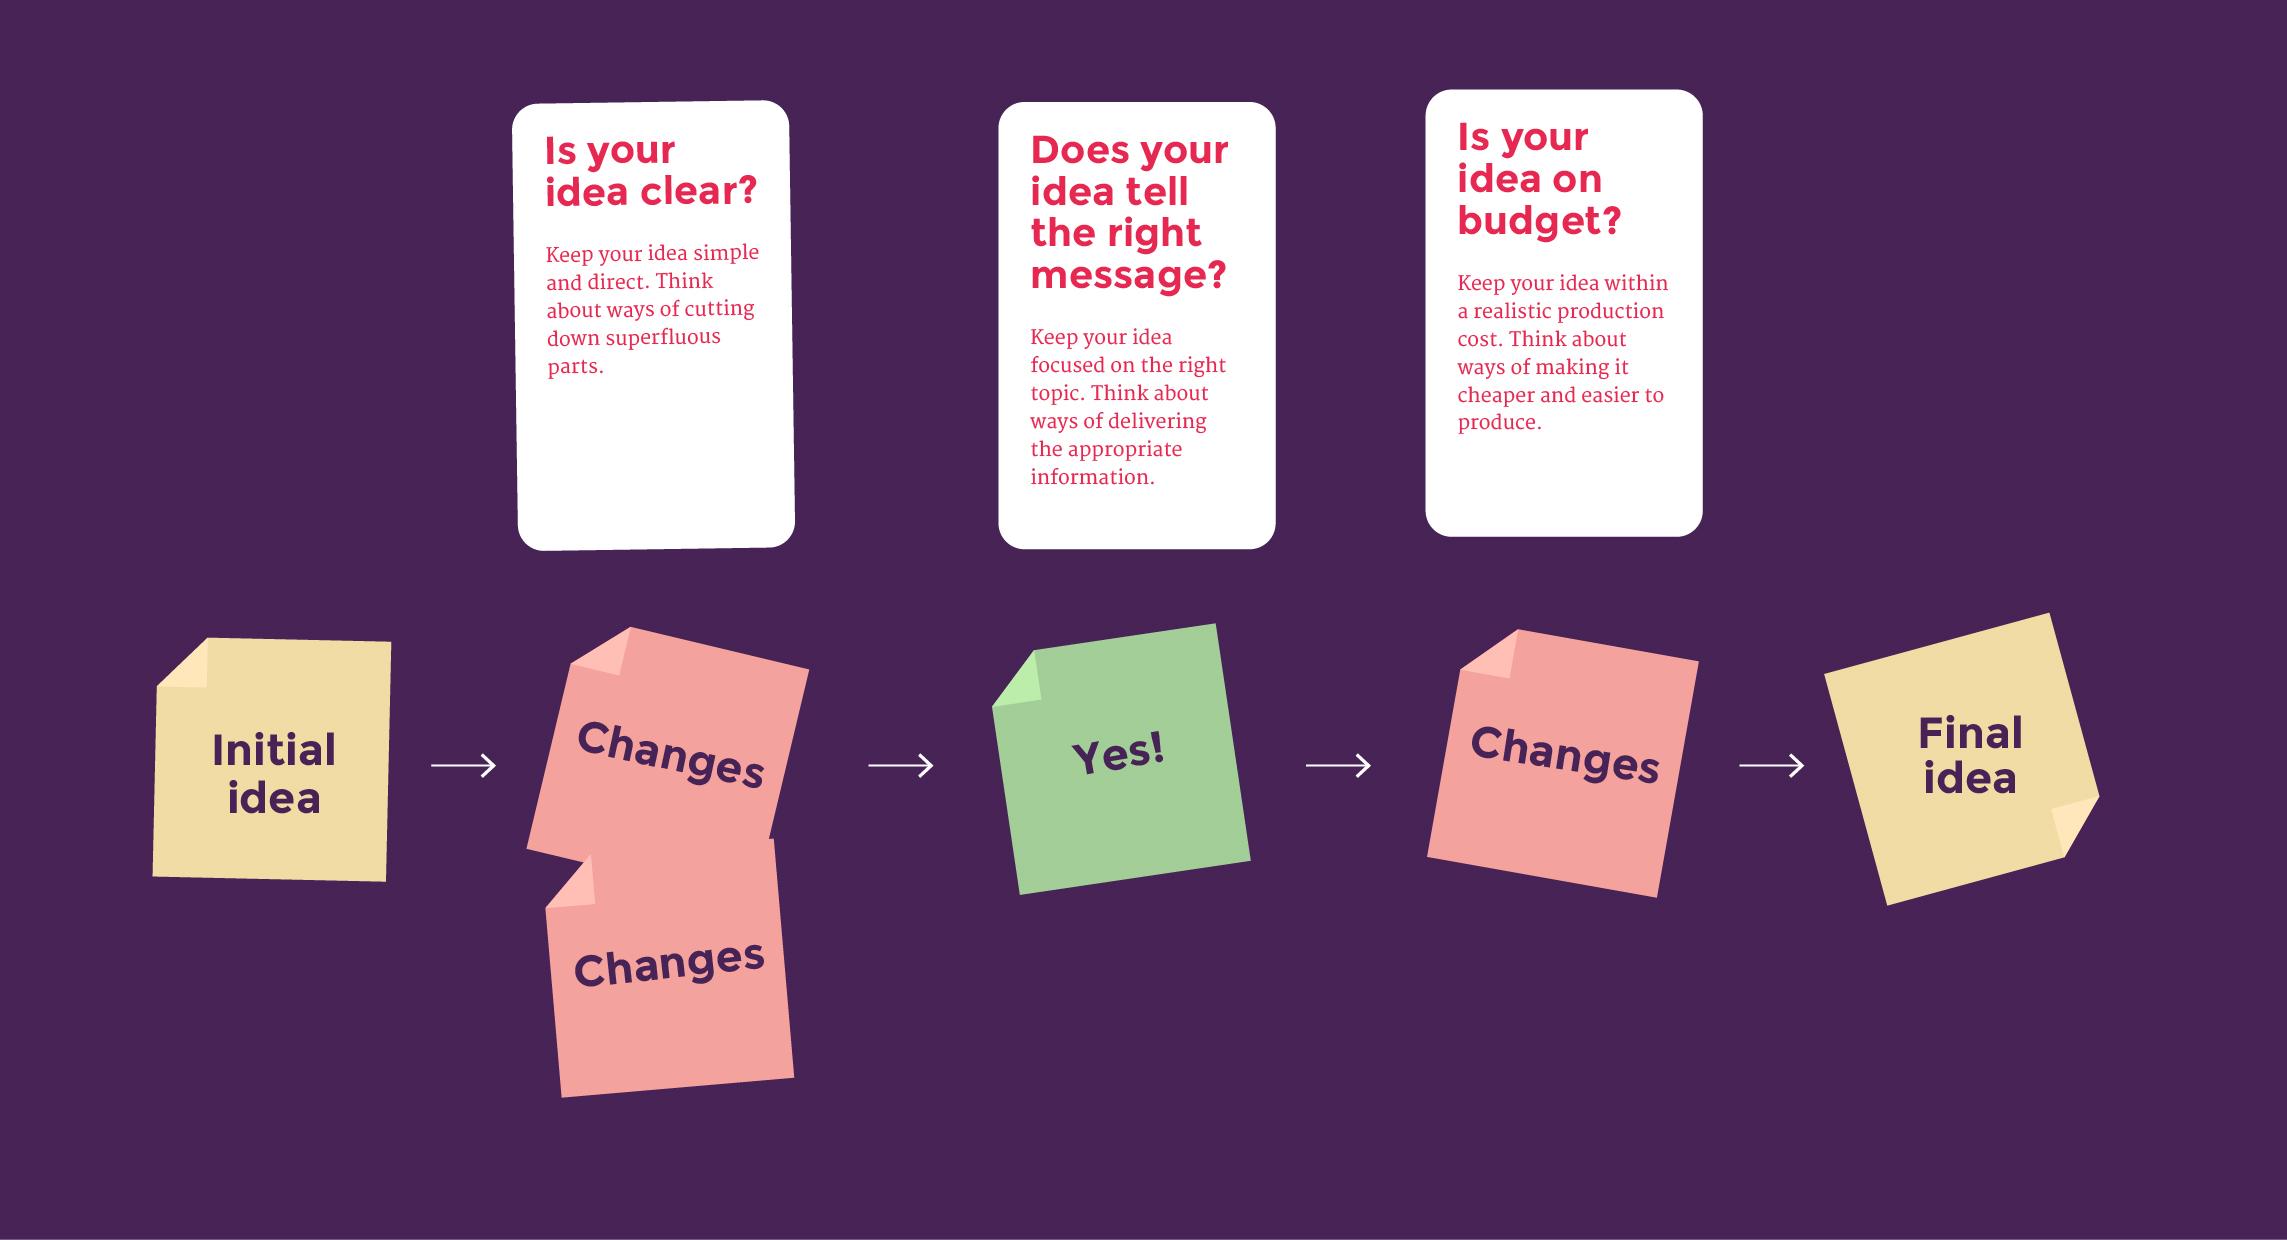 triggers-cards-filtering-ideas.jpg